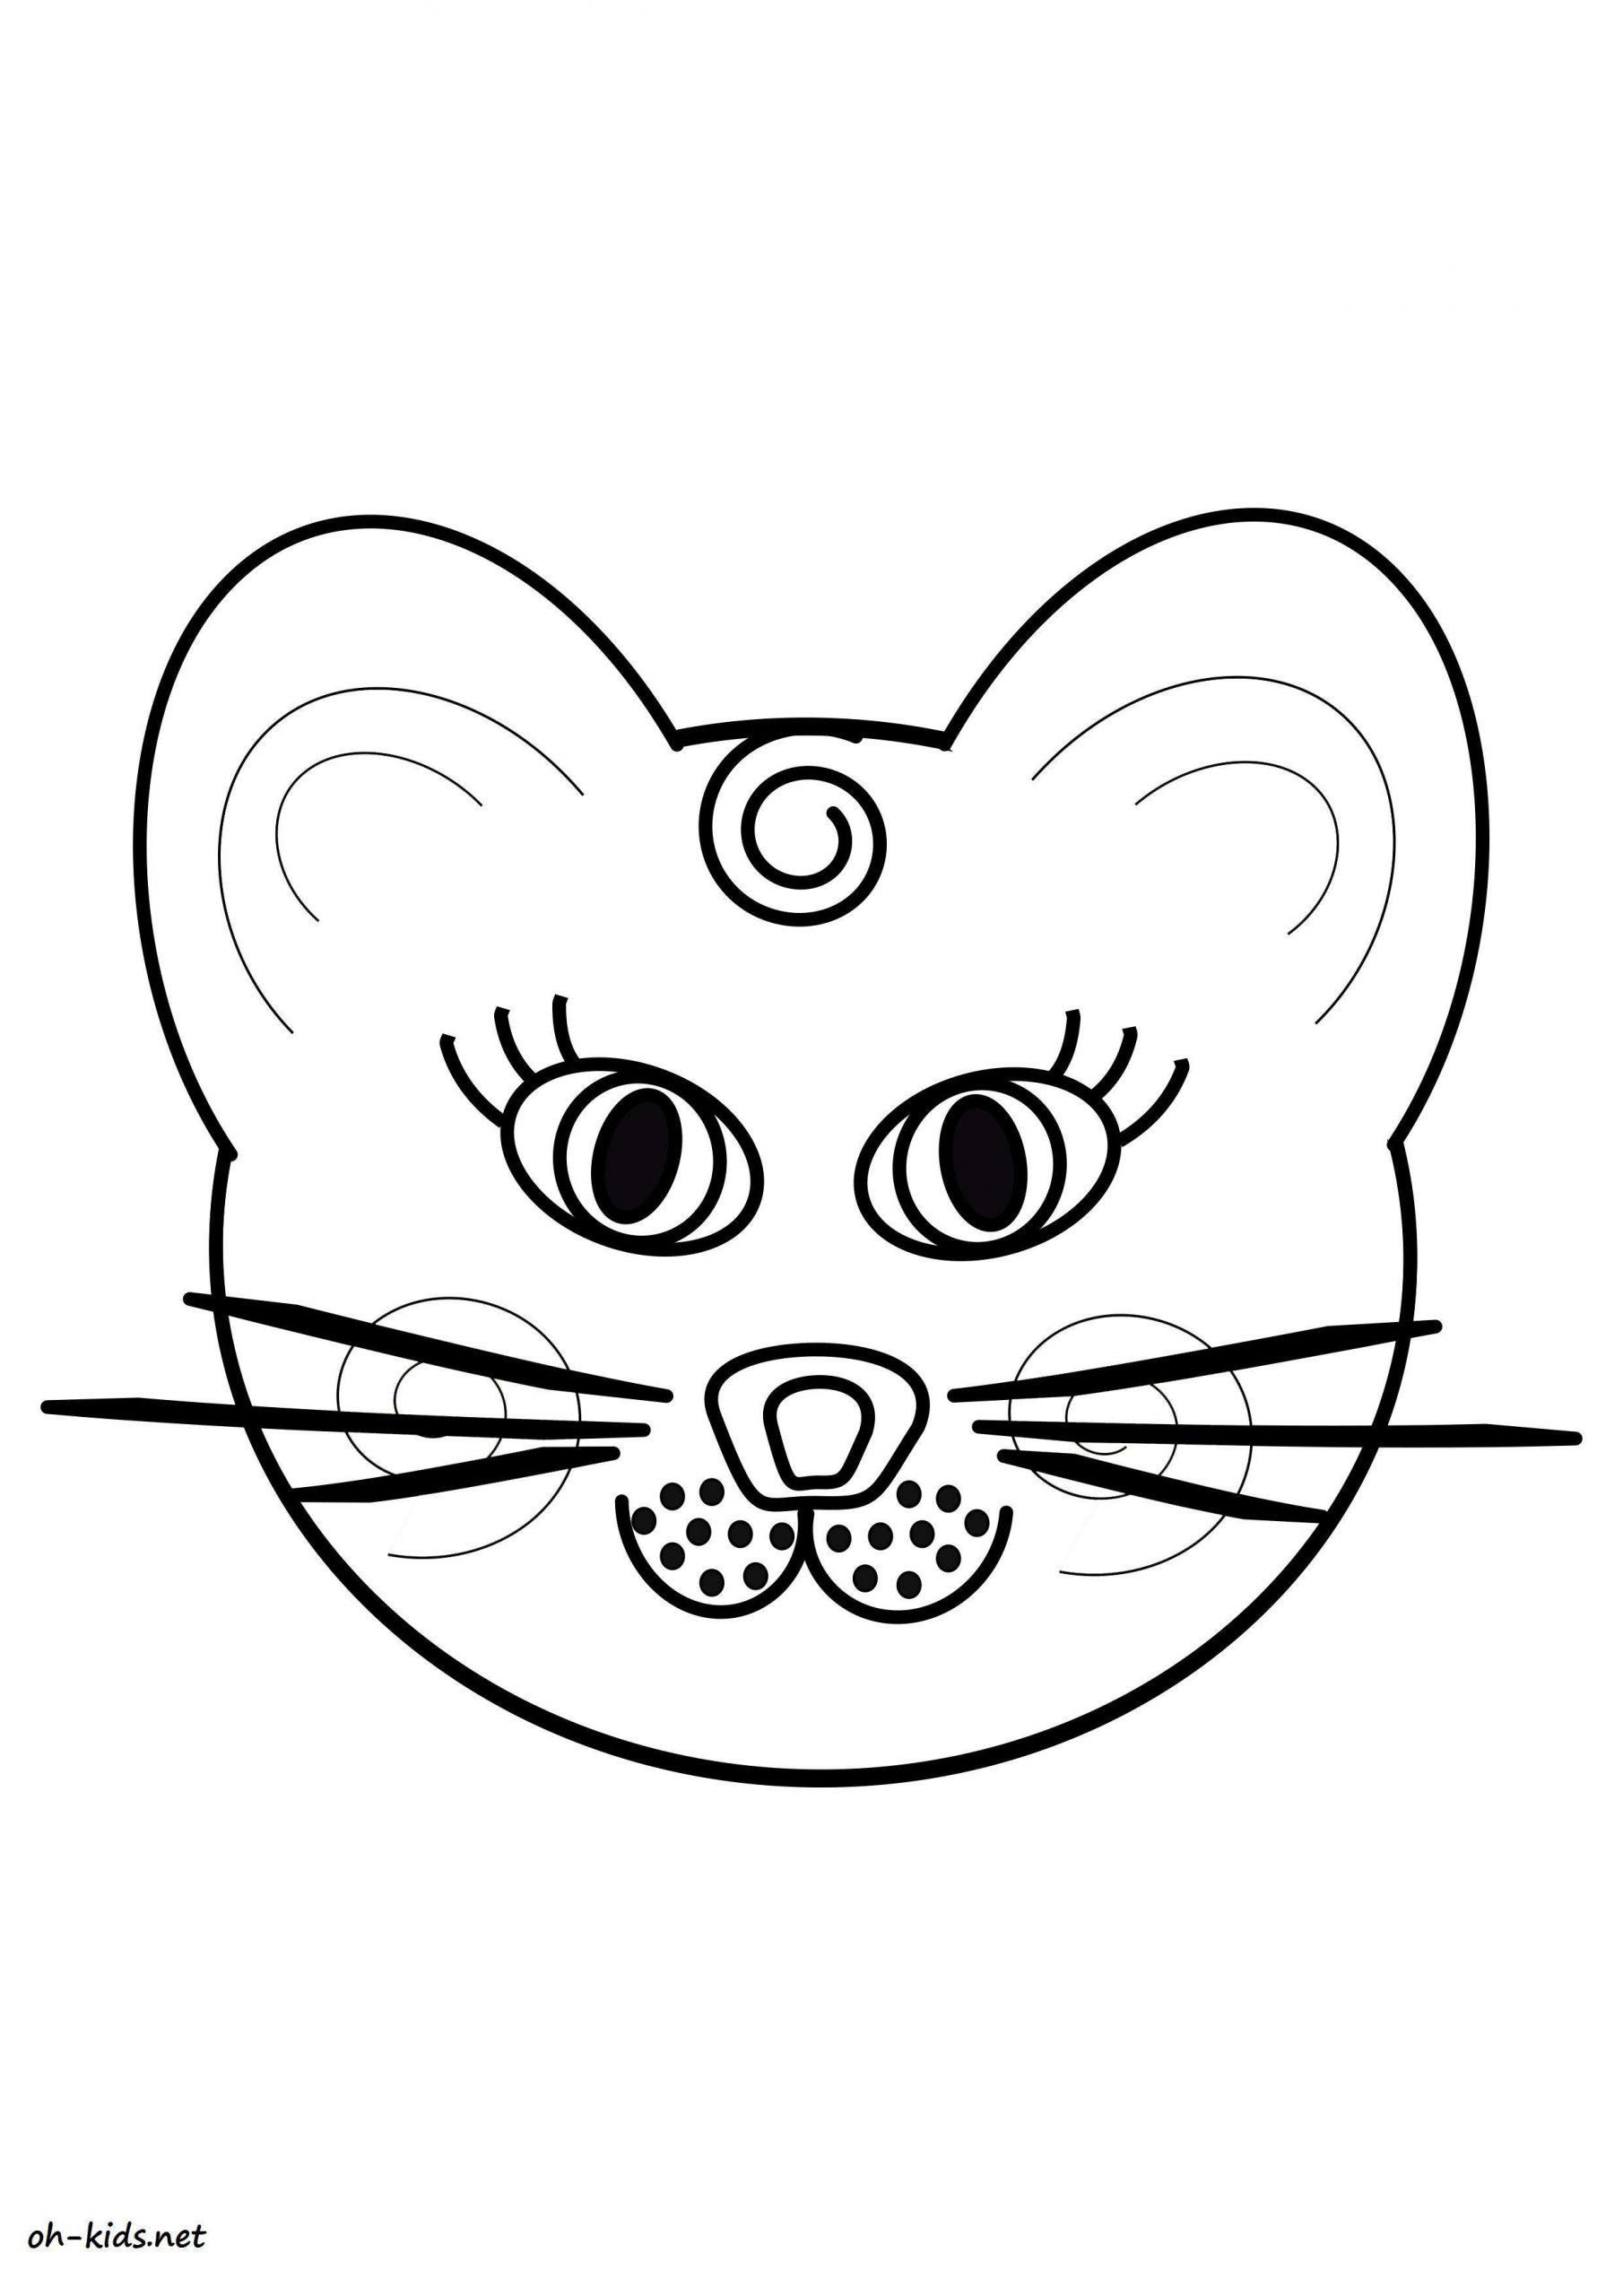 Dessin #698 - Coloriage Minou À Imprimer - Oh-Kids encequiconcerne Minou Dessin